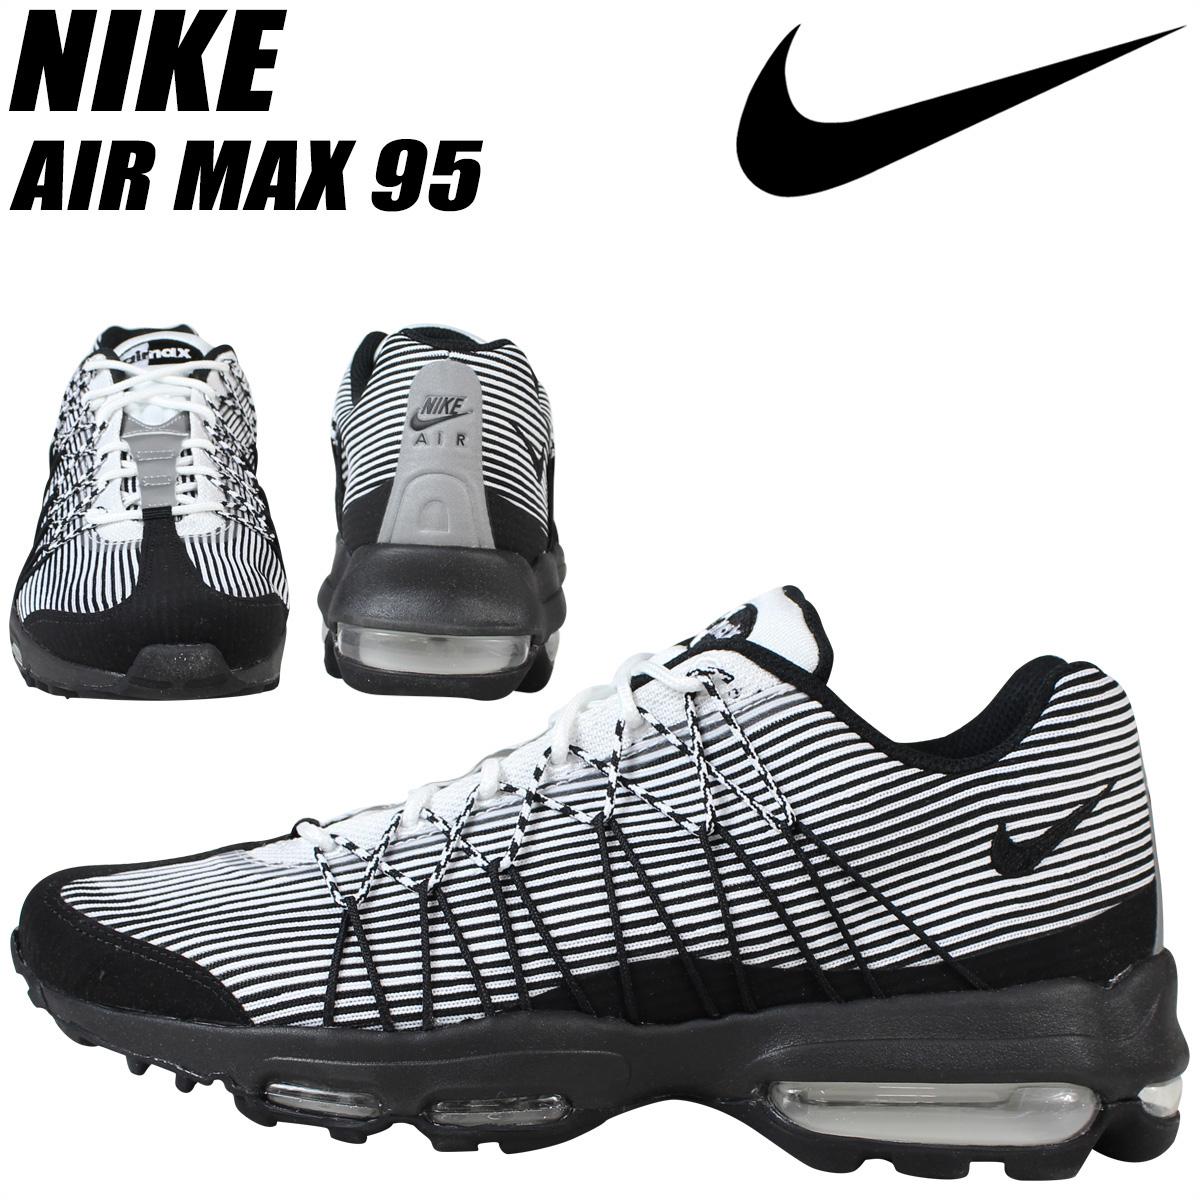 51ab3c0e63 ... france nike nike air max sneakers air max 95 ultra jacquard air max 95  749771 101